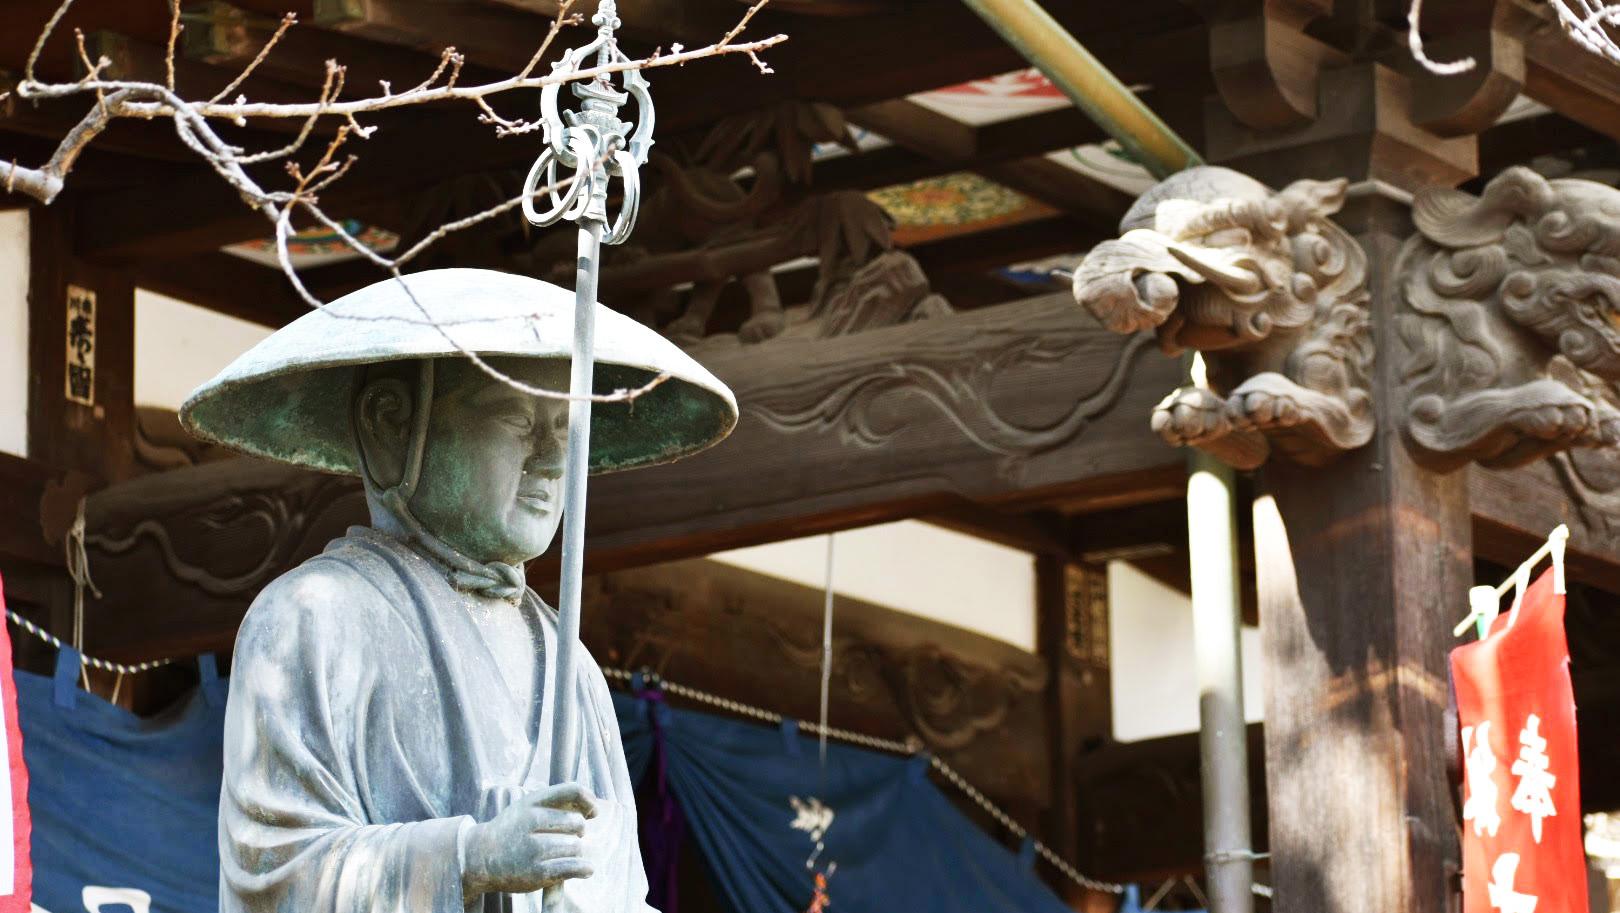 엔묘지(圓明寺)